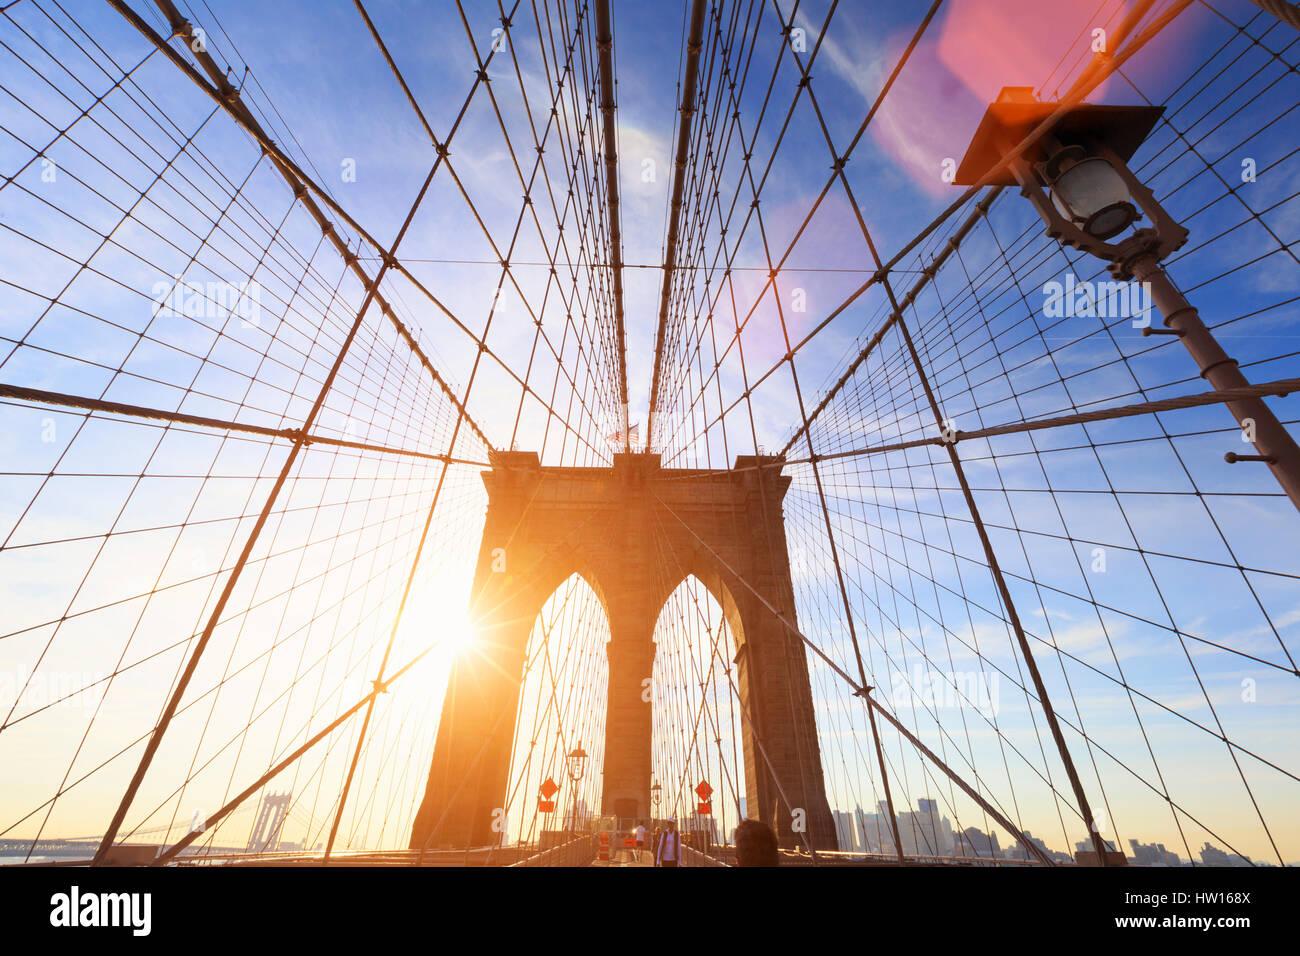 Los Estados Unidos, Nueva York, Ciudad de Nueva York, el Puente de Brooklyn Imagen De Stock